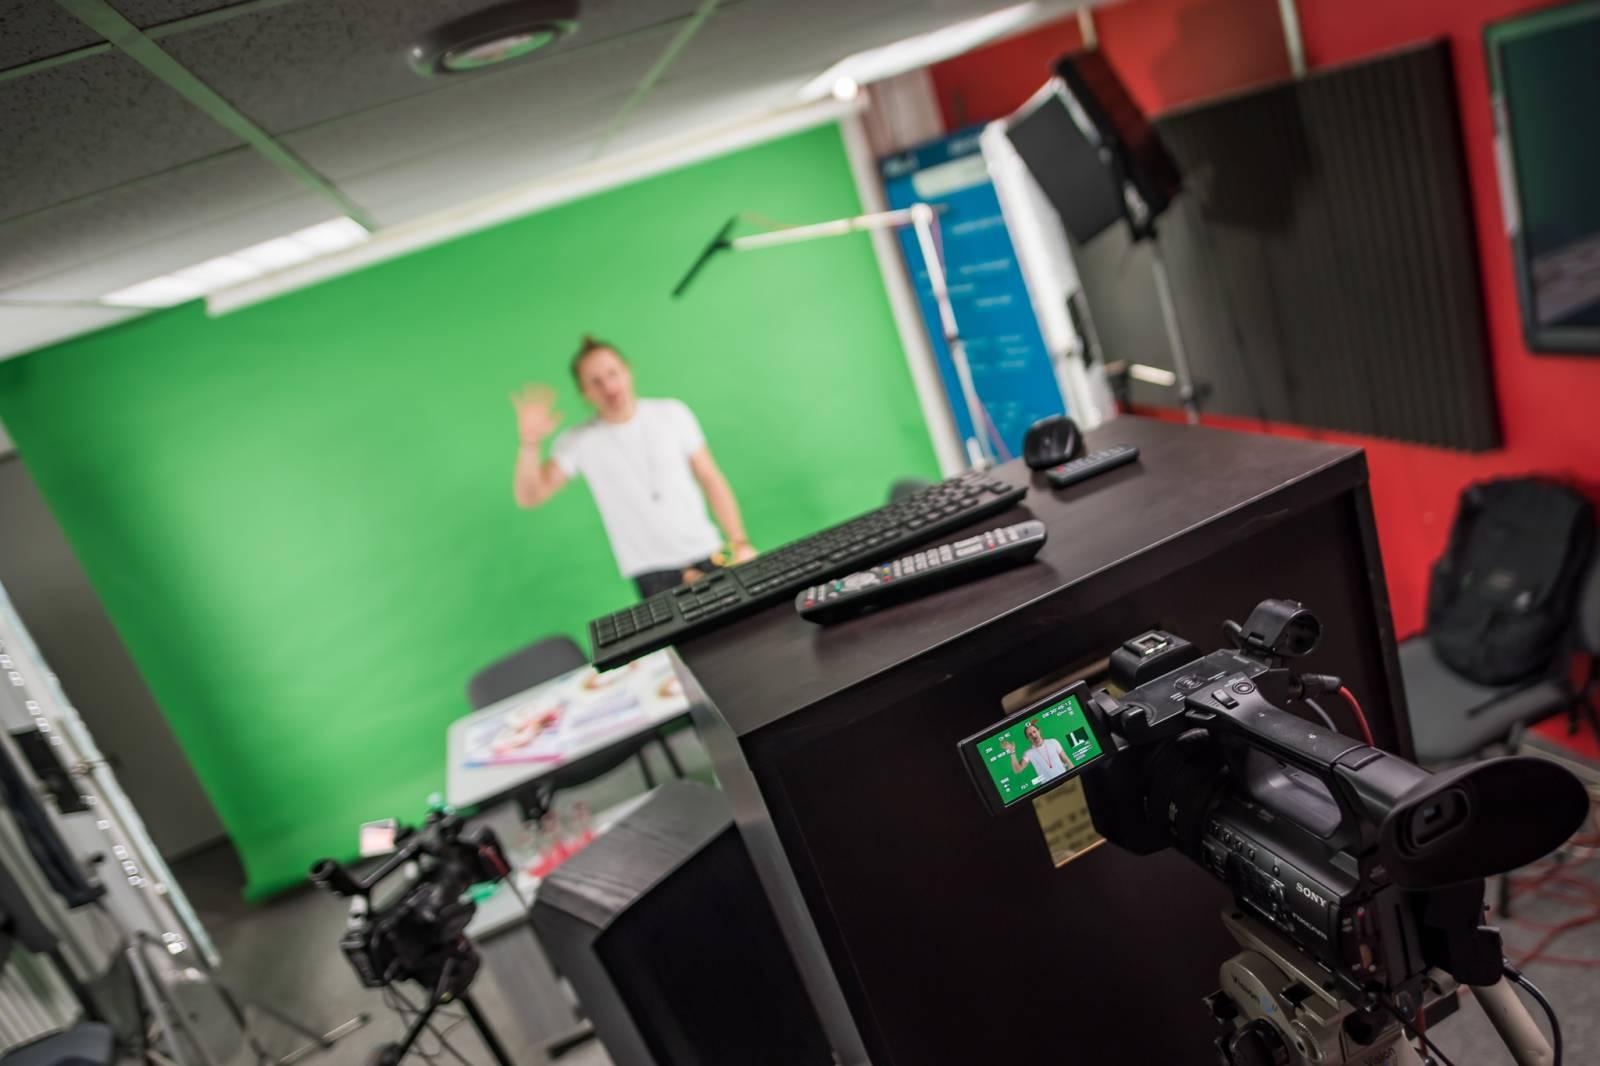 VIDEOROZHOVOR: Tomáš Klus - Na pódiu potřebuji podávat výkony, mít pocit, že jsem odevzdal všechno